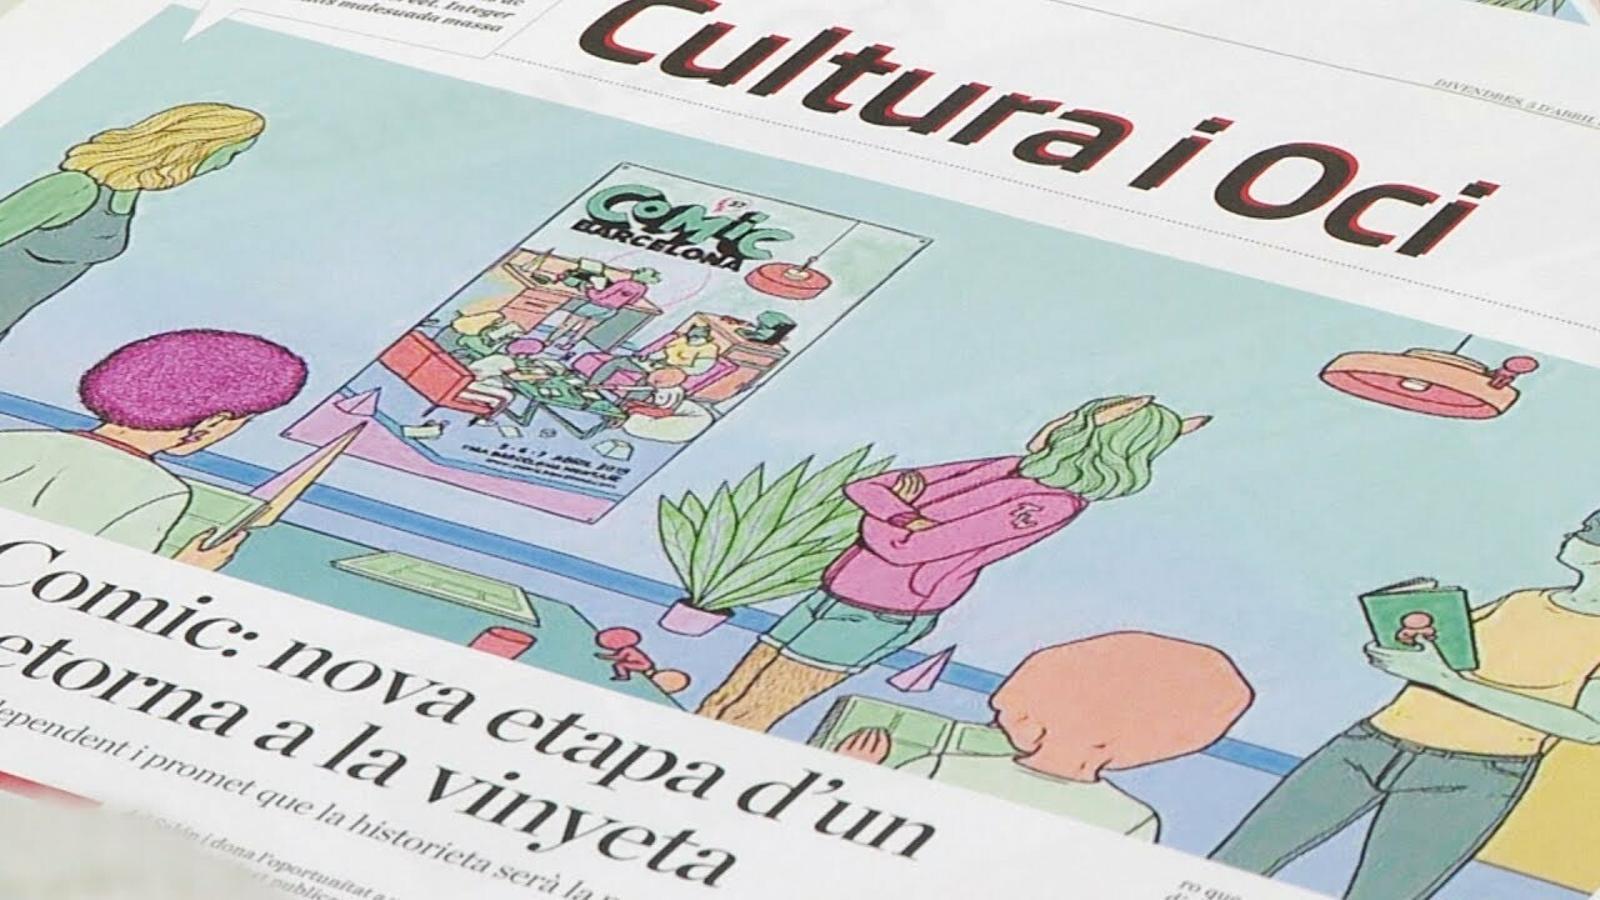 Un diari de còmic: torna l'ARA il·lustrat i amb historietes